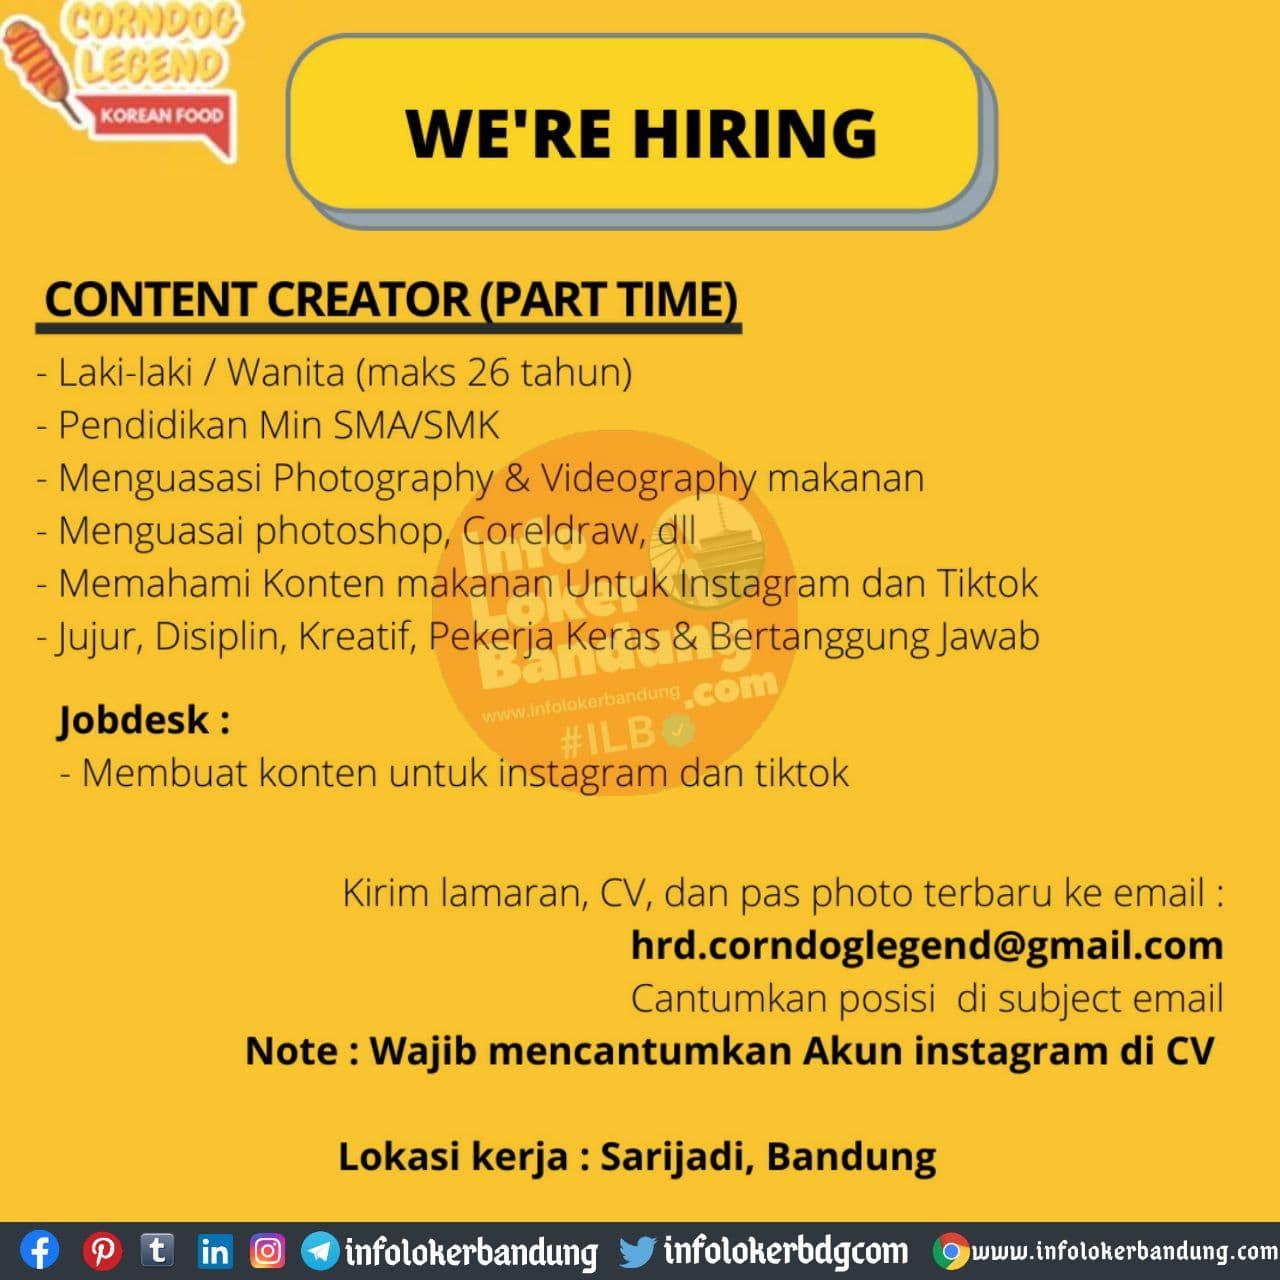 Lowongan Kerja Corndog Legend ( Korean Food ) Bandung November 2020